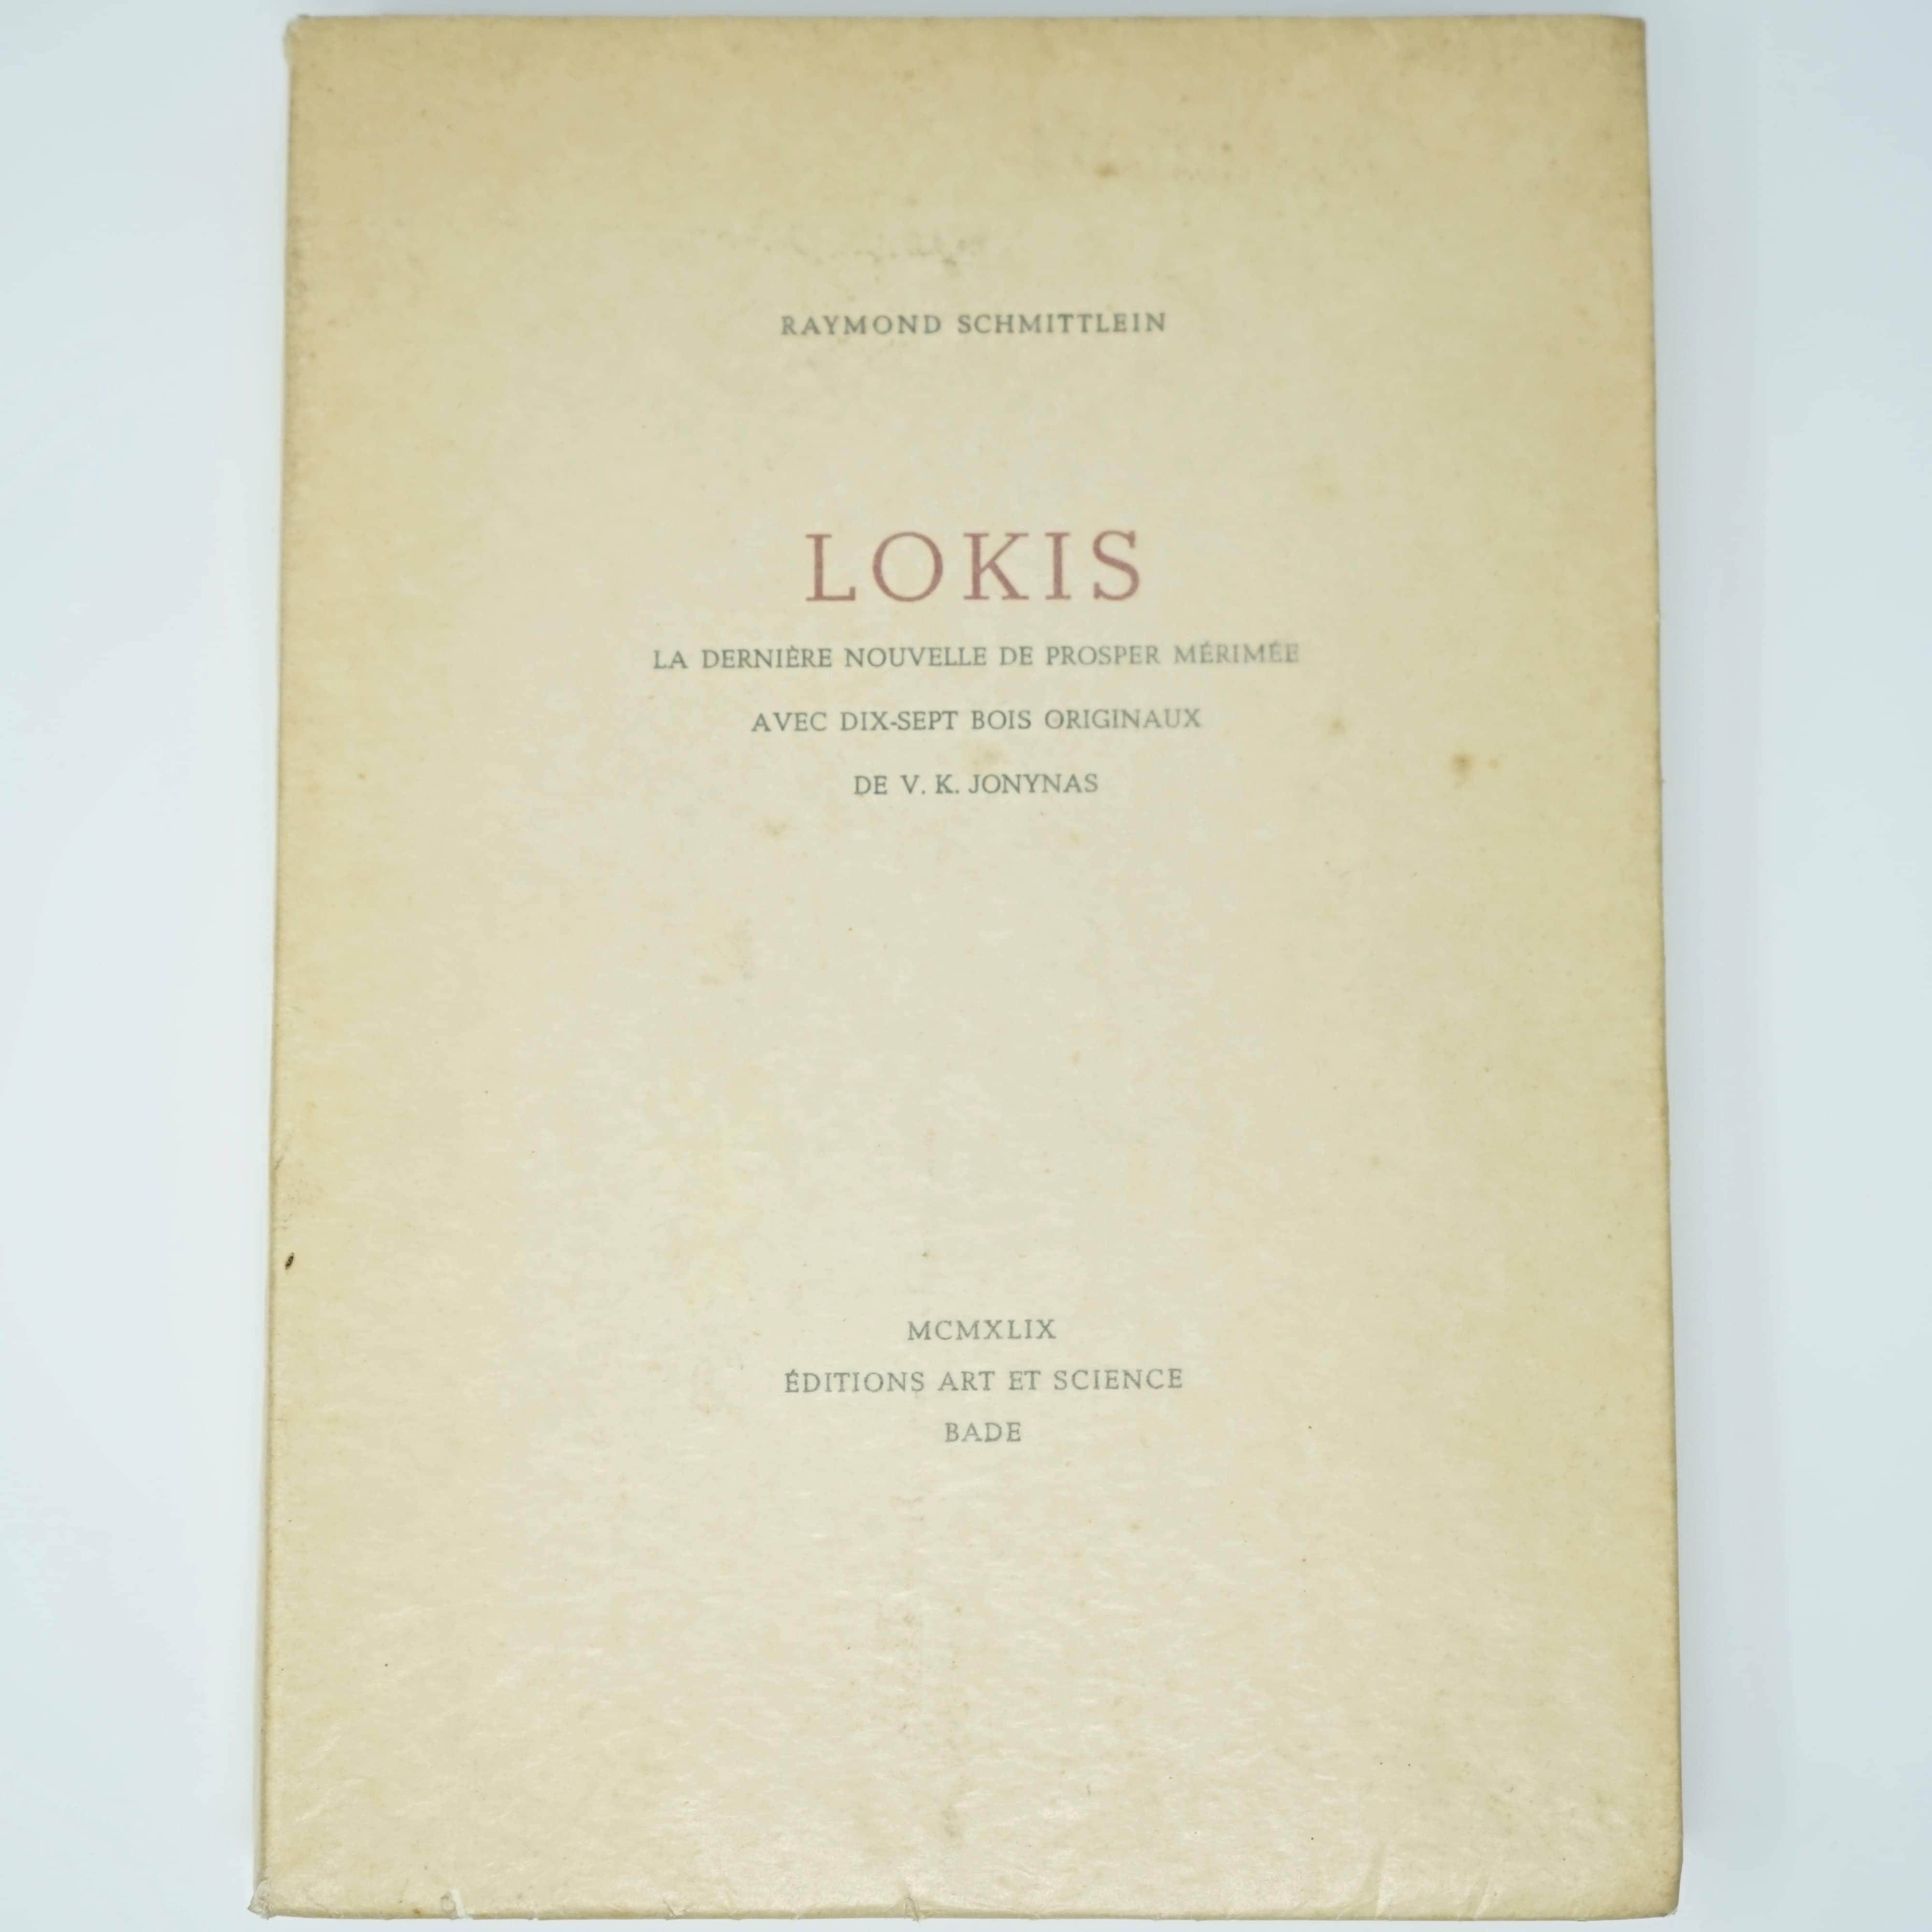 Livre Nouvelle Lokis de Prosper Merimée